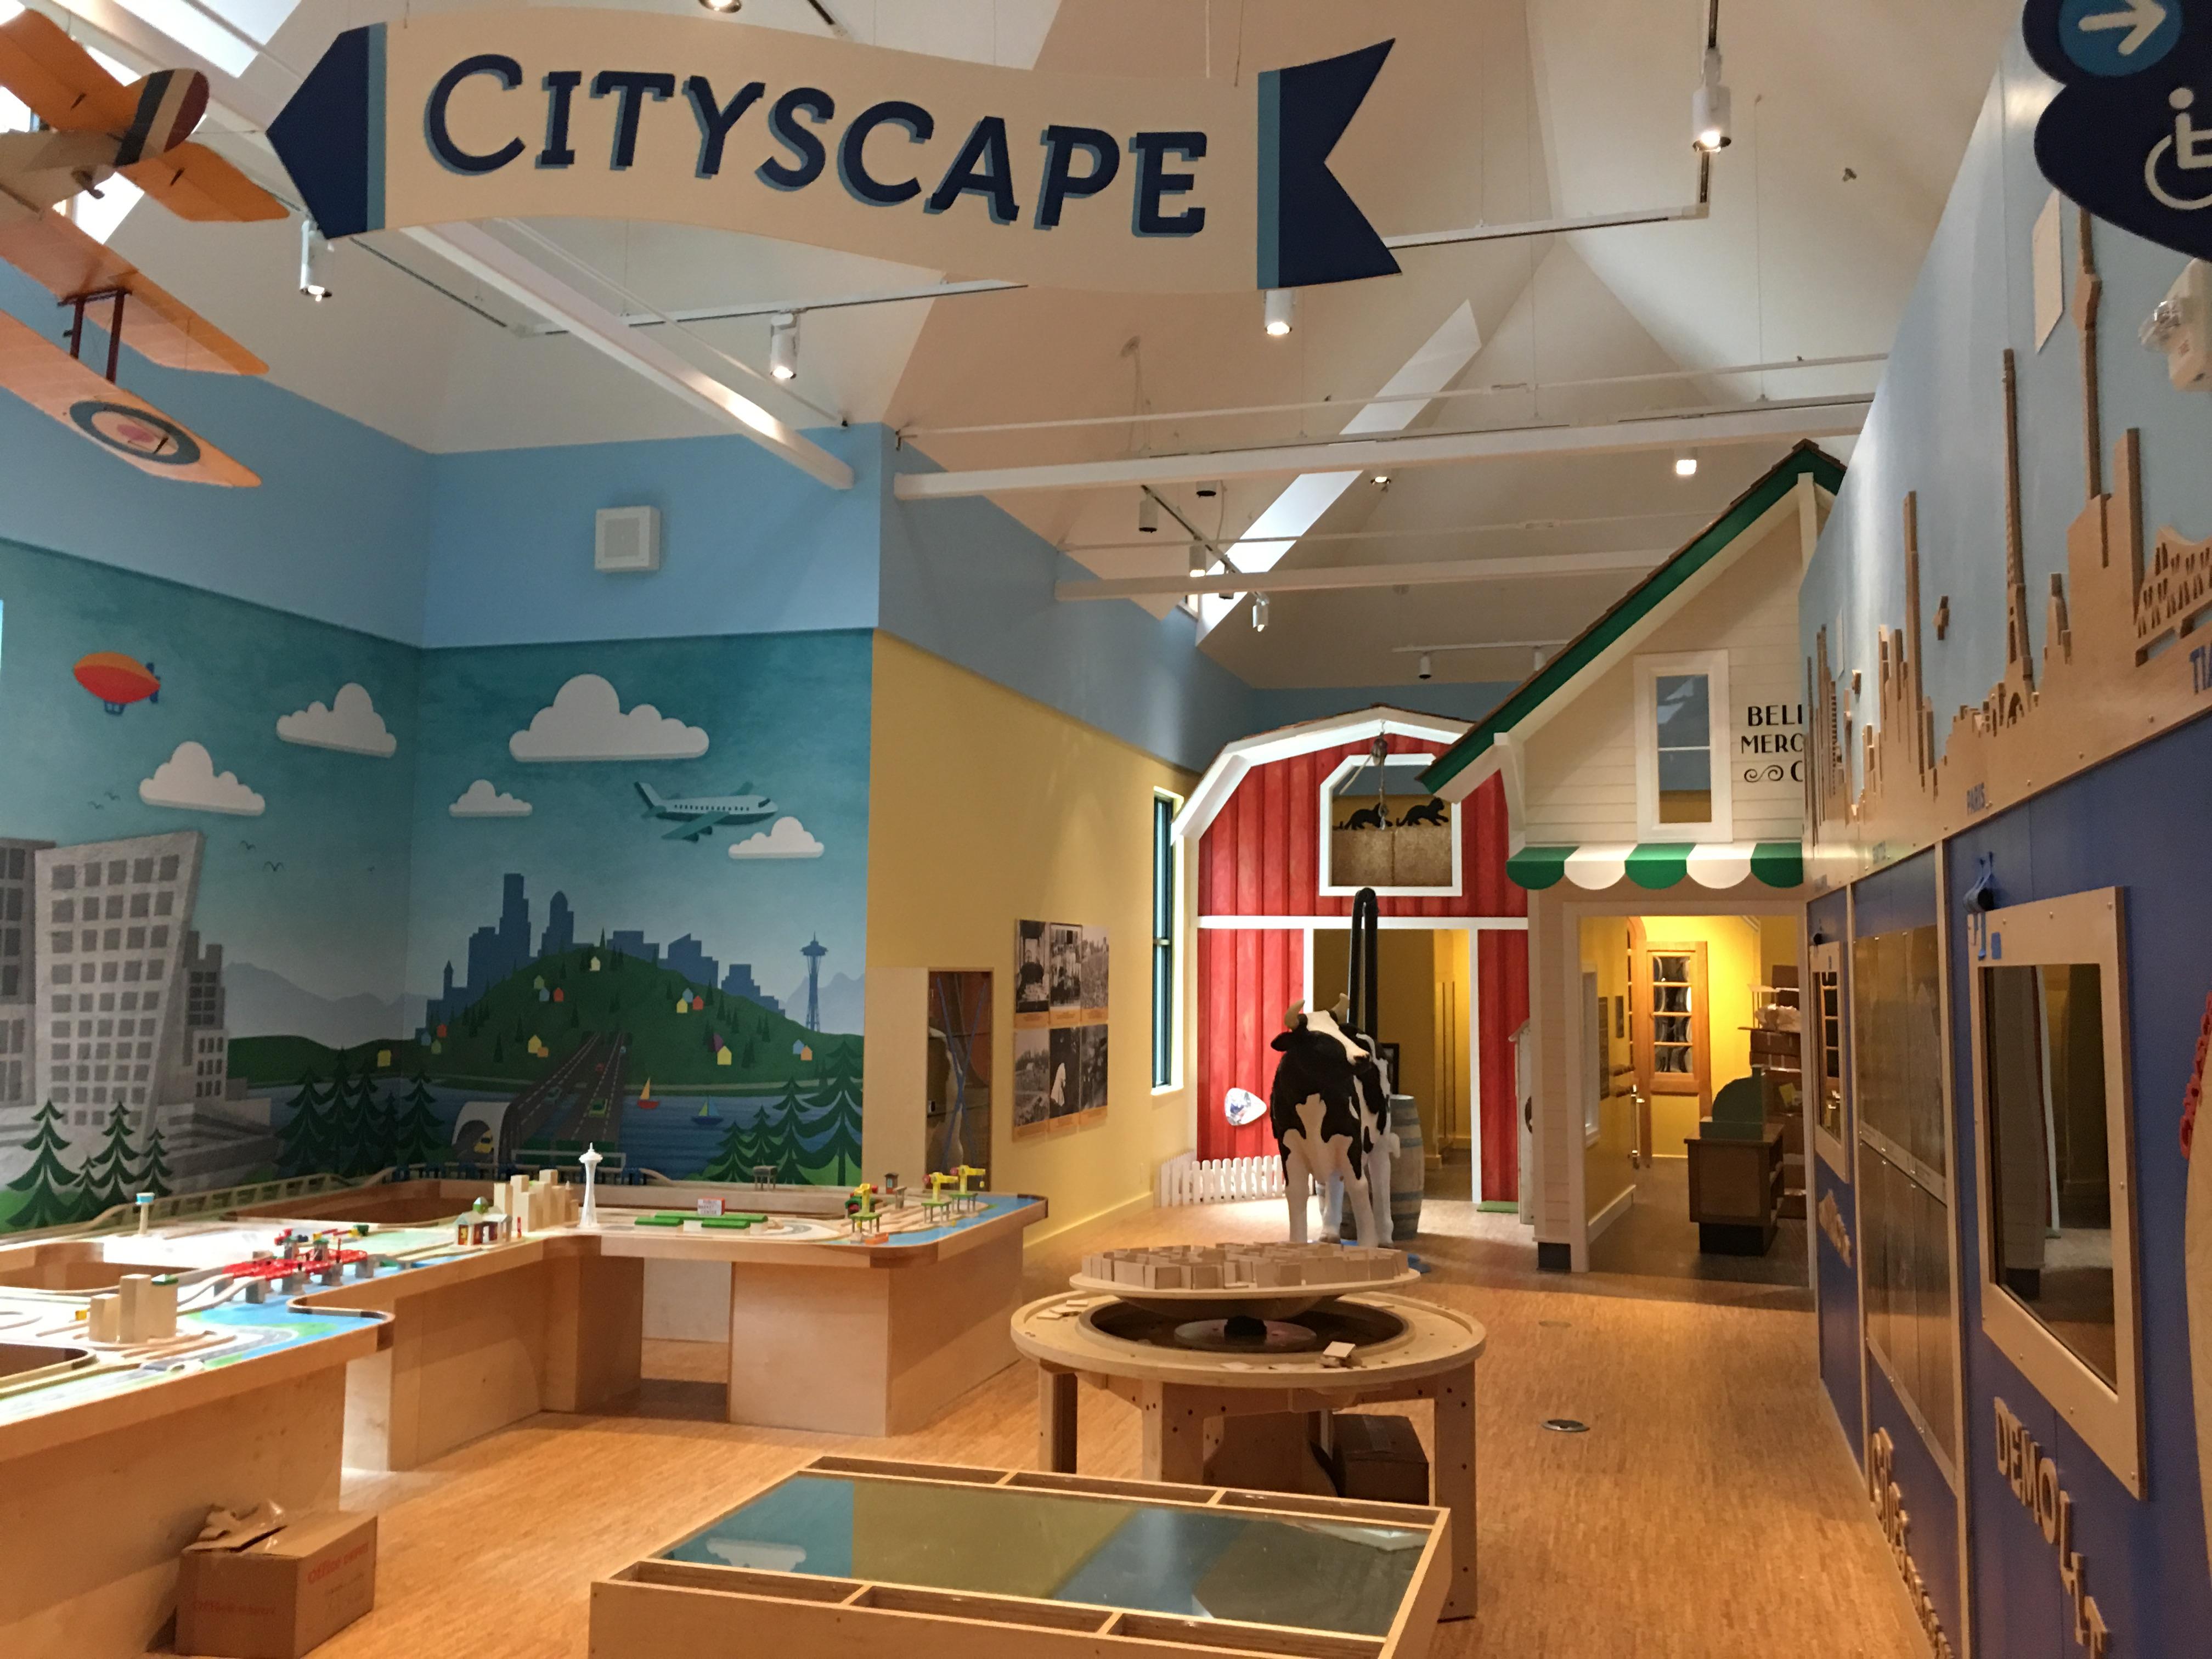 kidsquest_cityscape